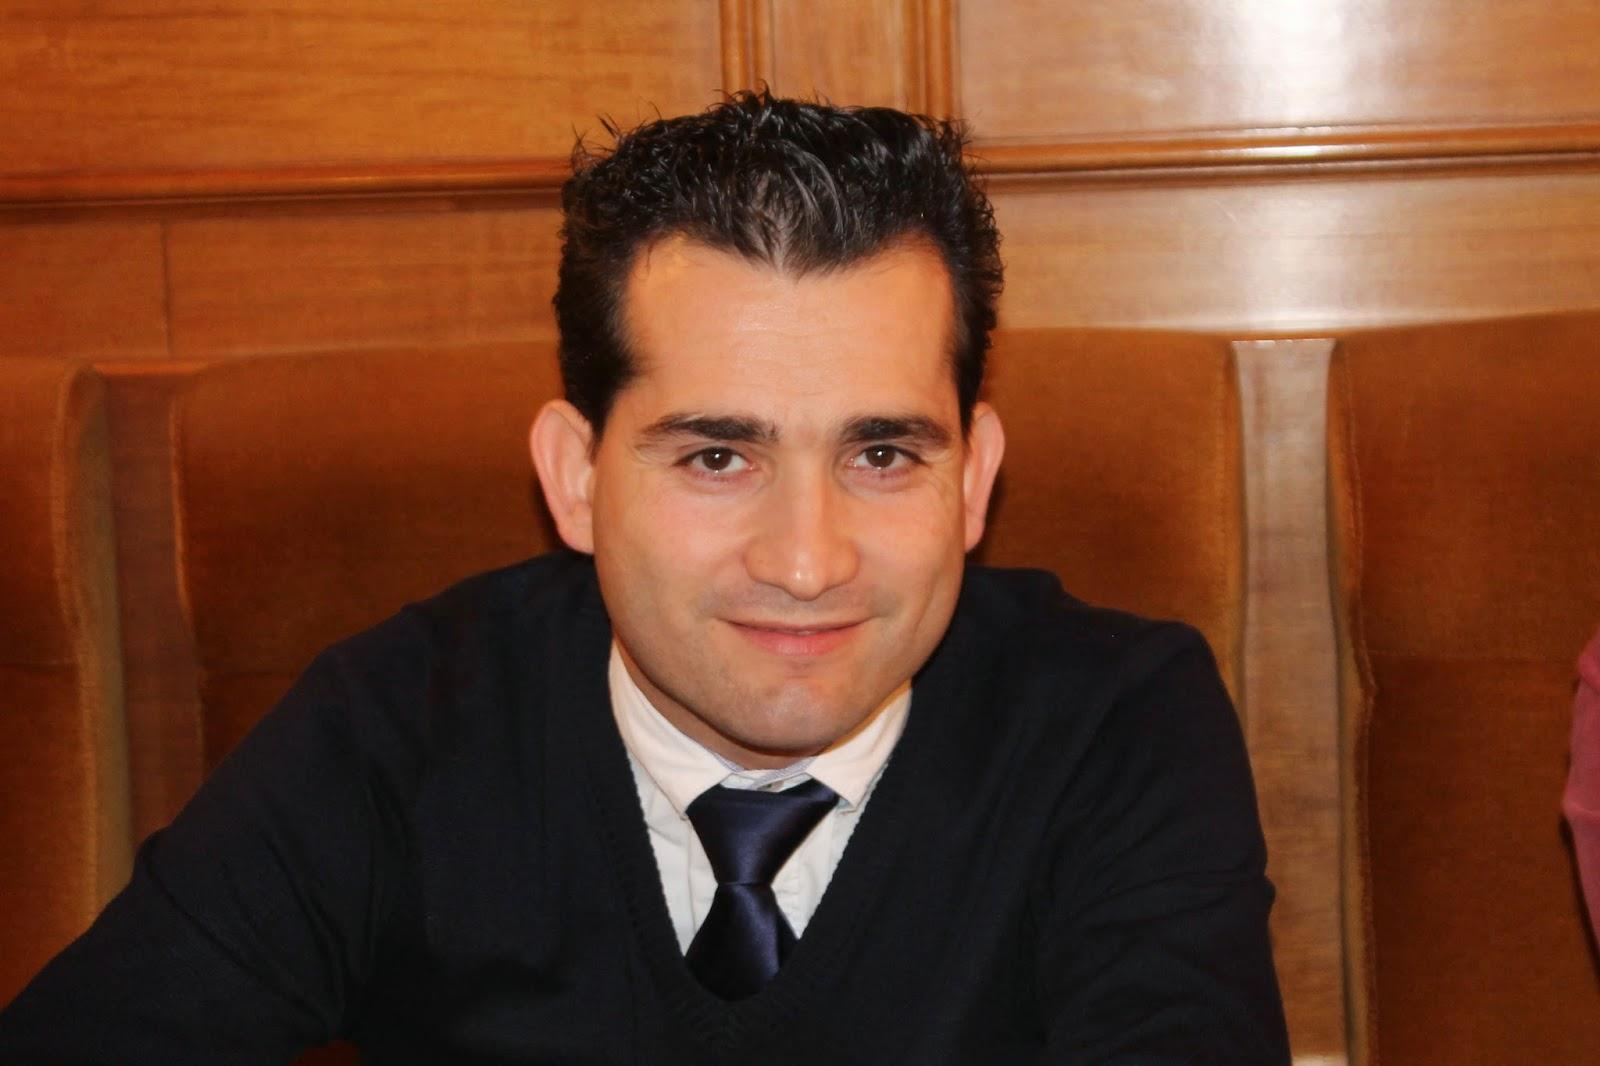 jaime-david-corregidor-candidato-del-psoe-a-la-Alcaldía-de-Navalcán-Toledo.jpg